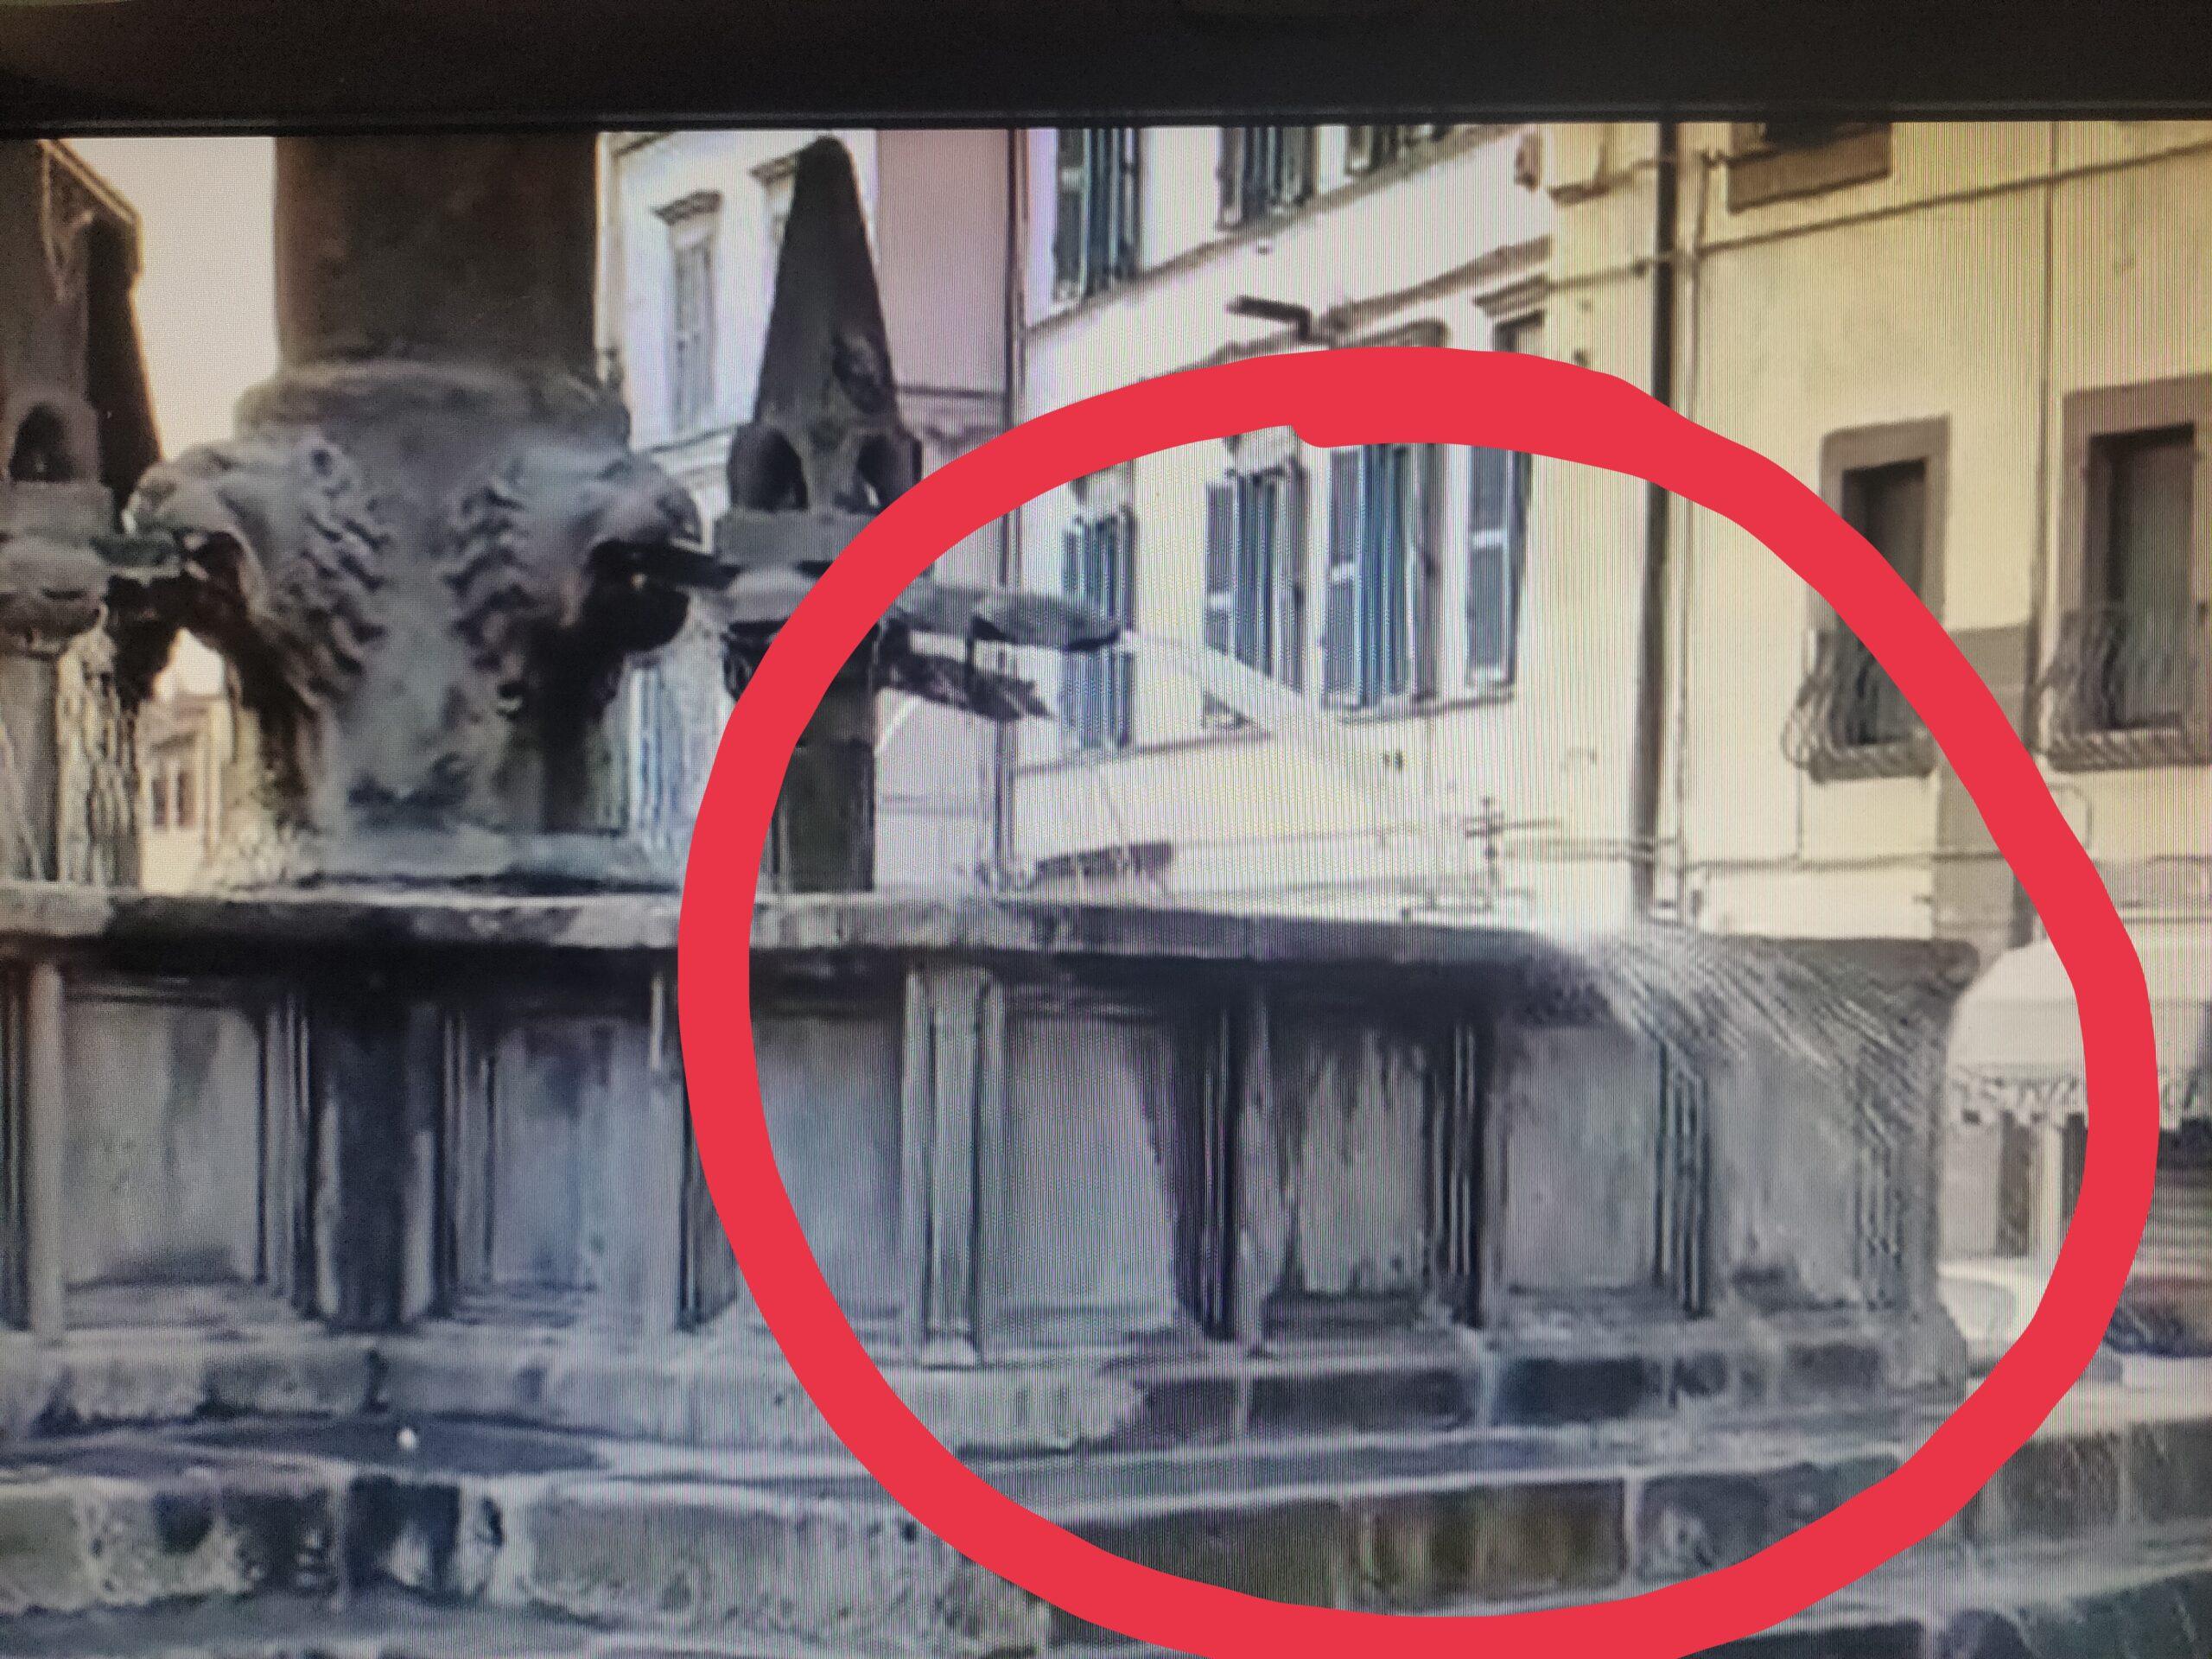 Viterbo, turismo, ecco la fontana-idrante, degradata ed esuberante,  la vecchia città mortificata dai cervelli che fanno acqua